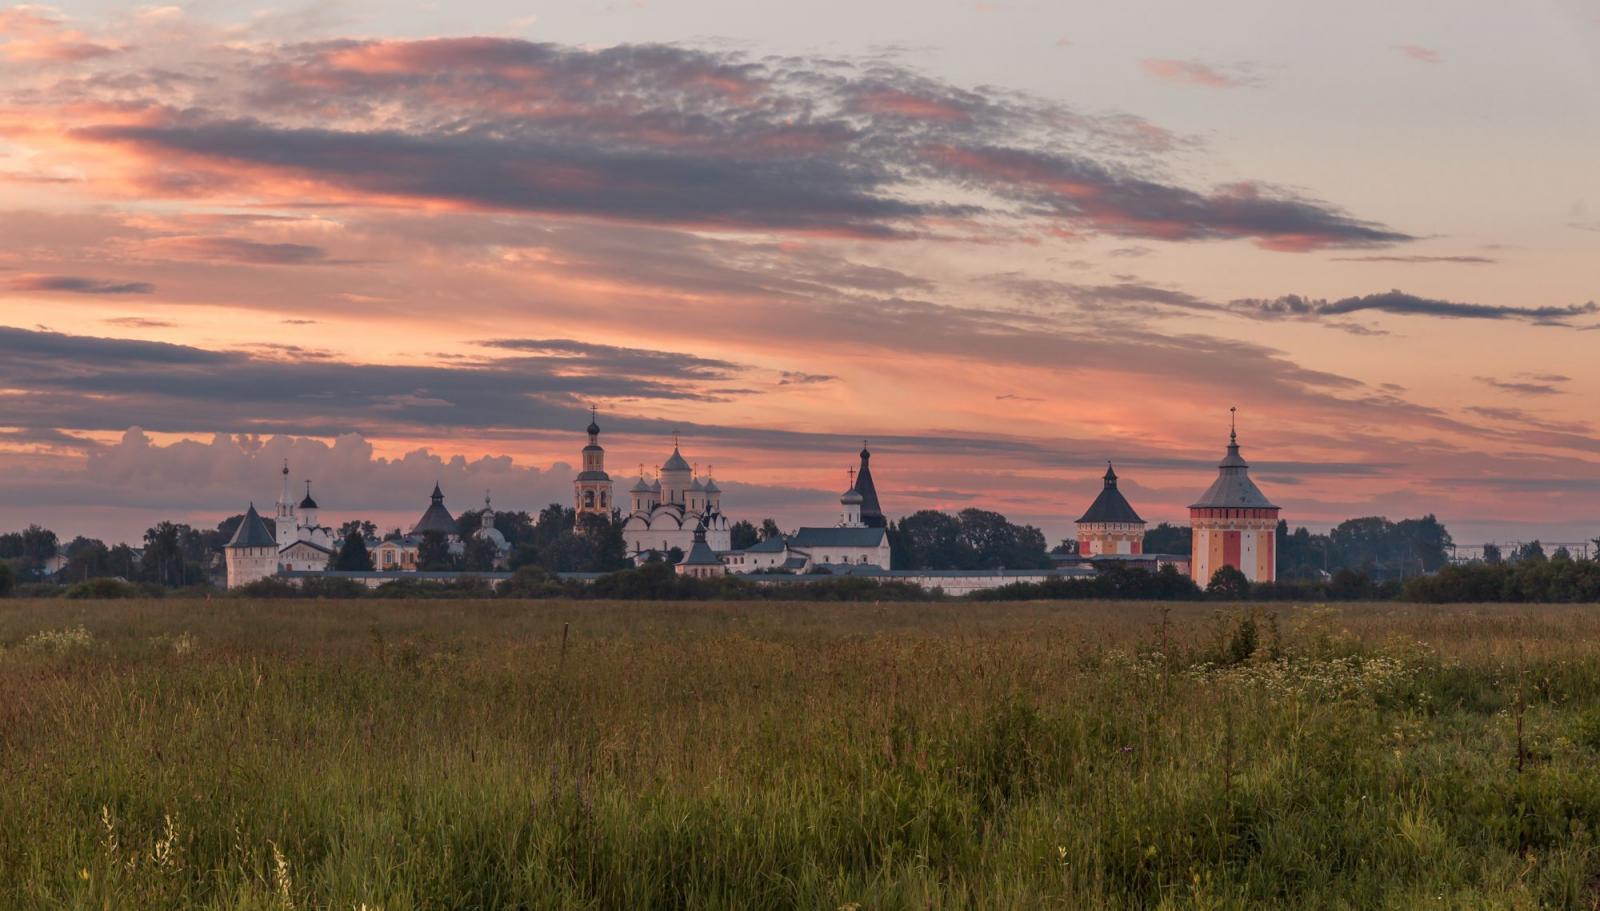 В 2021 году исполняется 650 лет Спасо-Прилуцкого Димитриева мужского монастыря г. Вологды